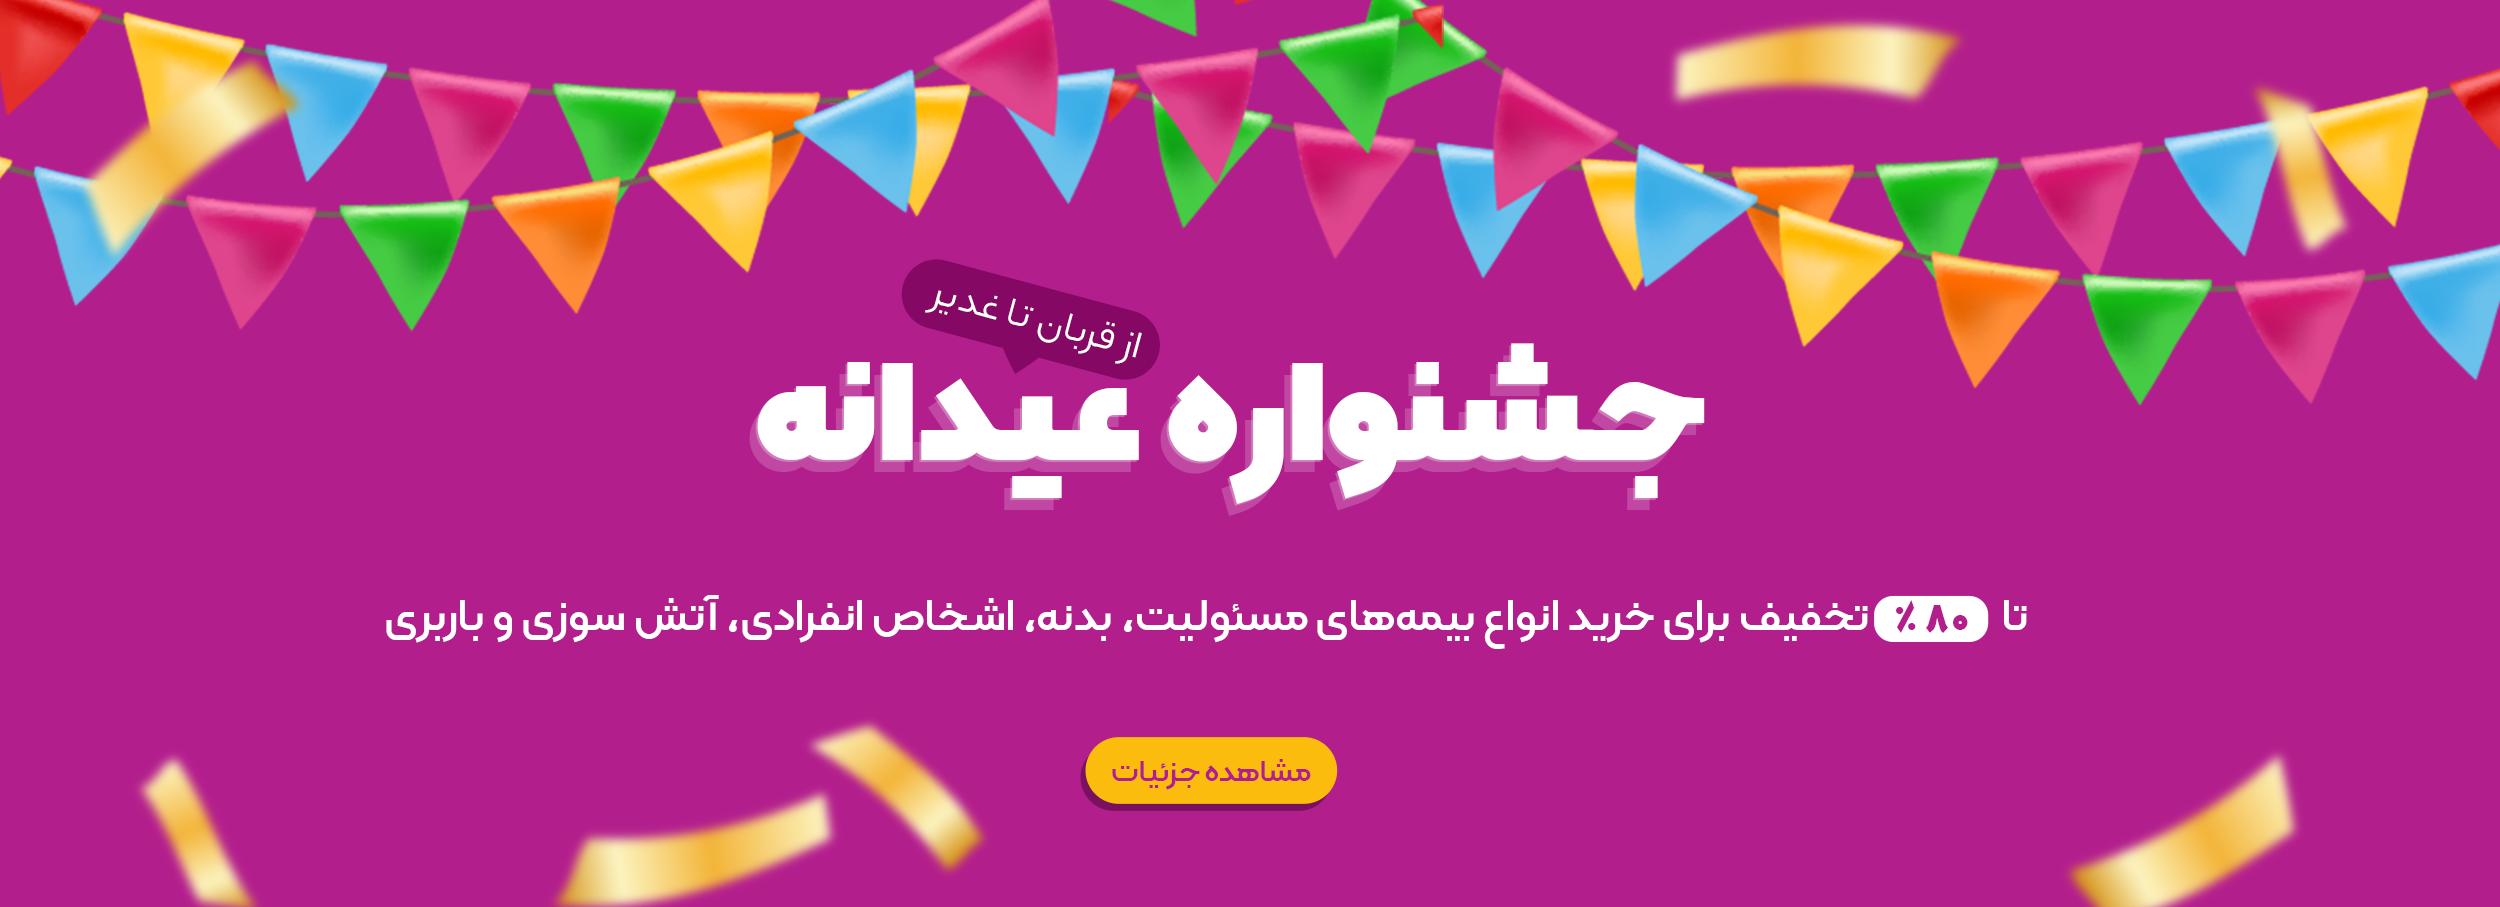 جشنواره عیدانه بیمه نوین